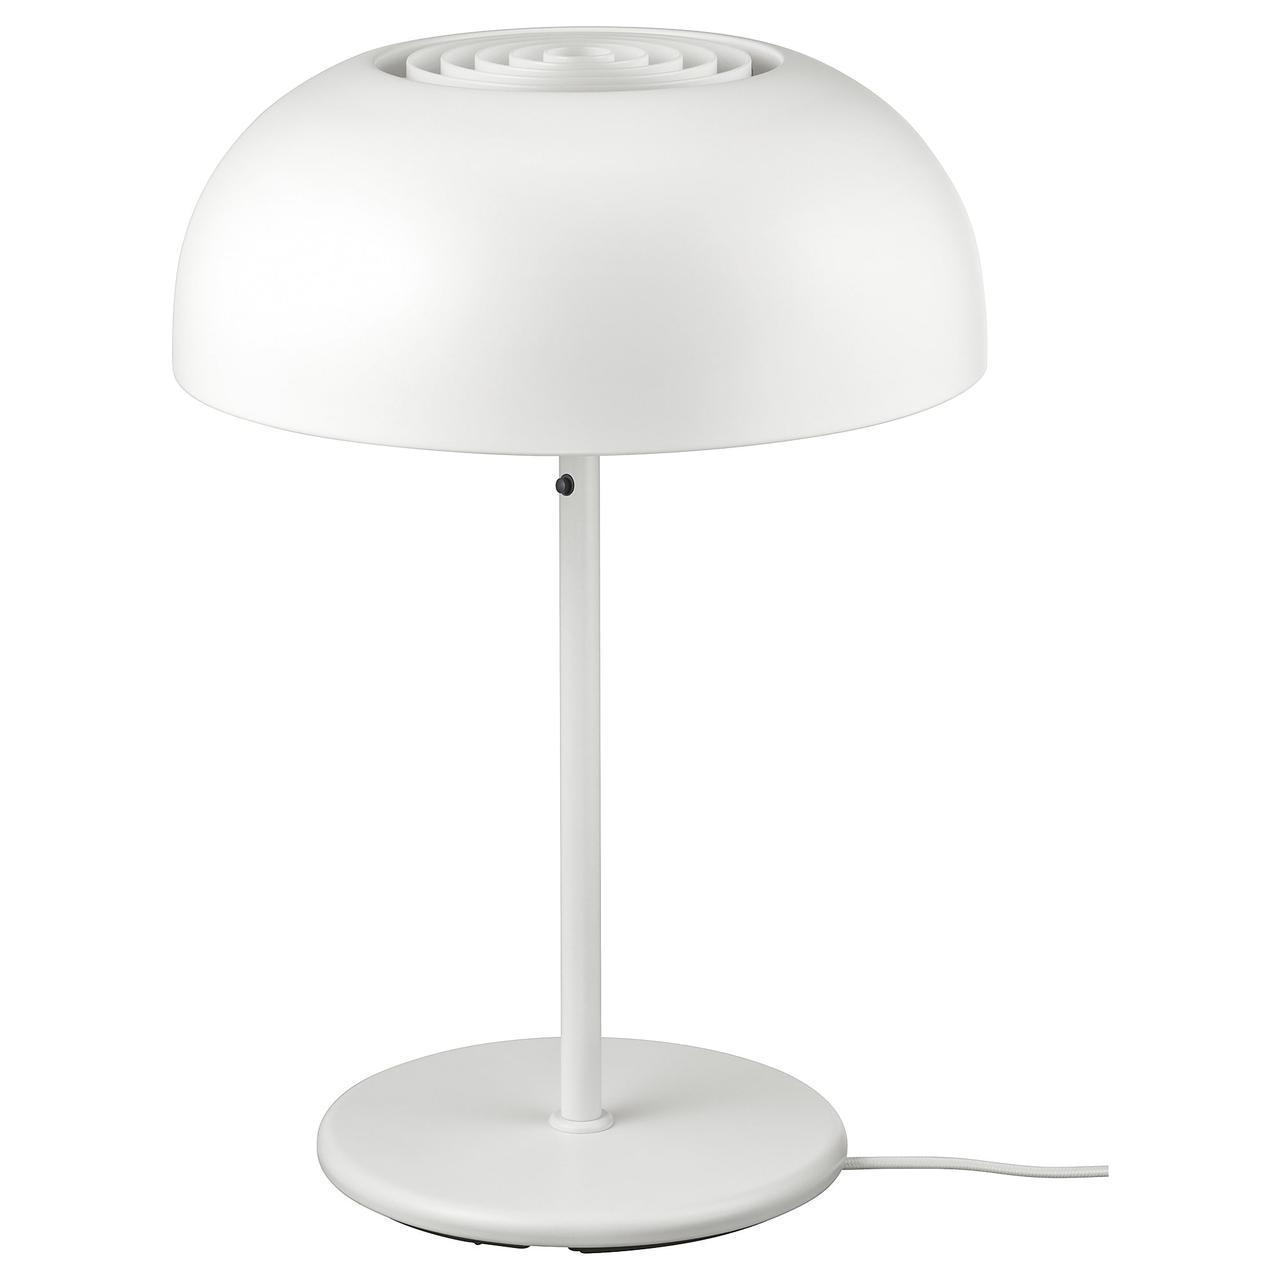 IKEA NYMANE Наcтольная лампа, белый  (203.367.61)